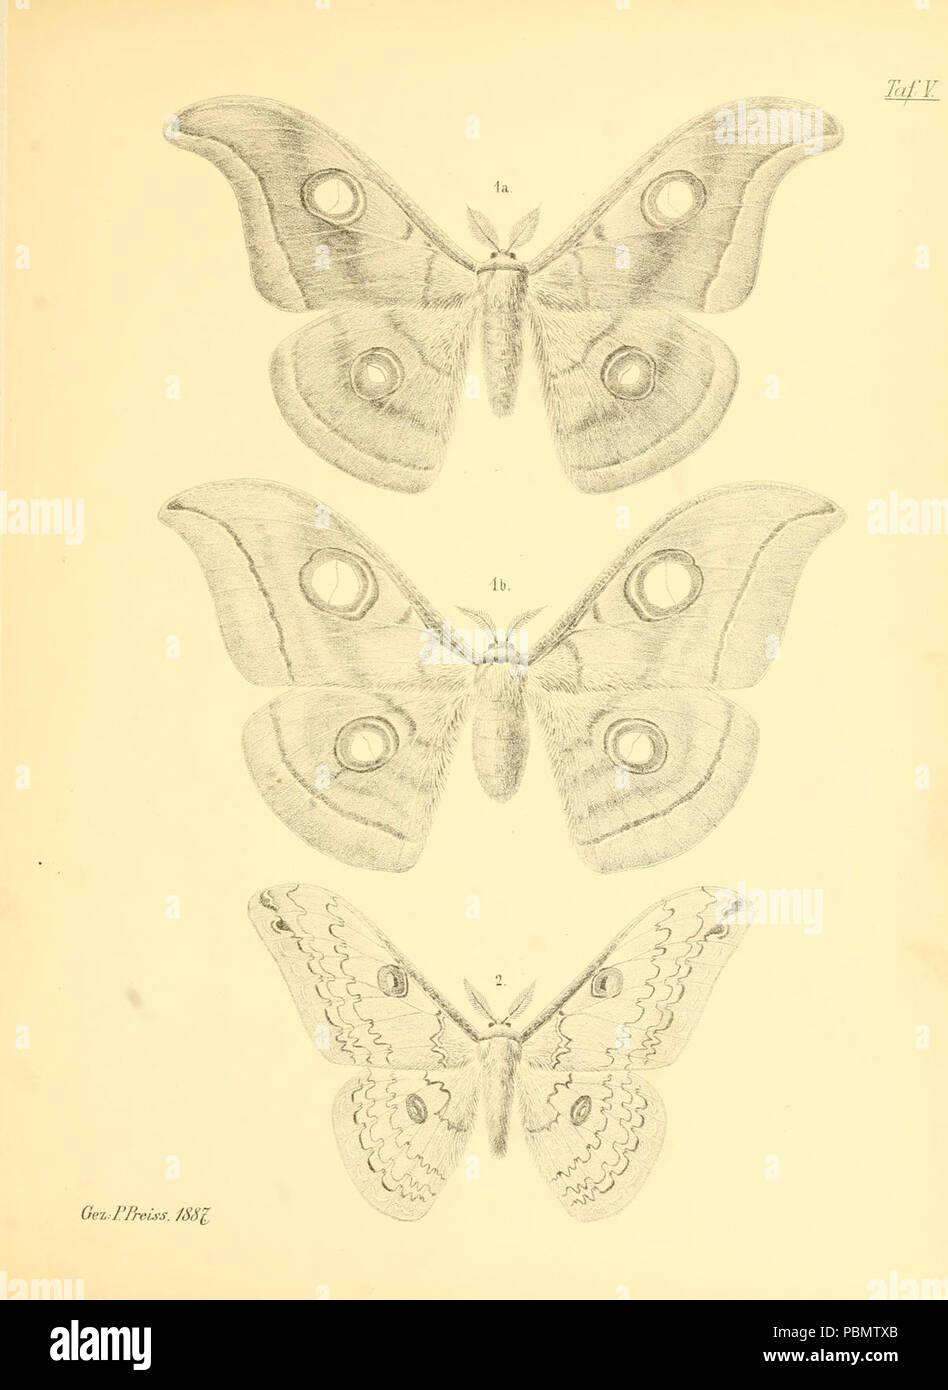 Abbildungen hervorragender Nachtschmetterlinge aus dem indo-australischen und südamerikanischen Faunengebiet (Taf. V) - Stock Image